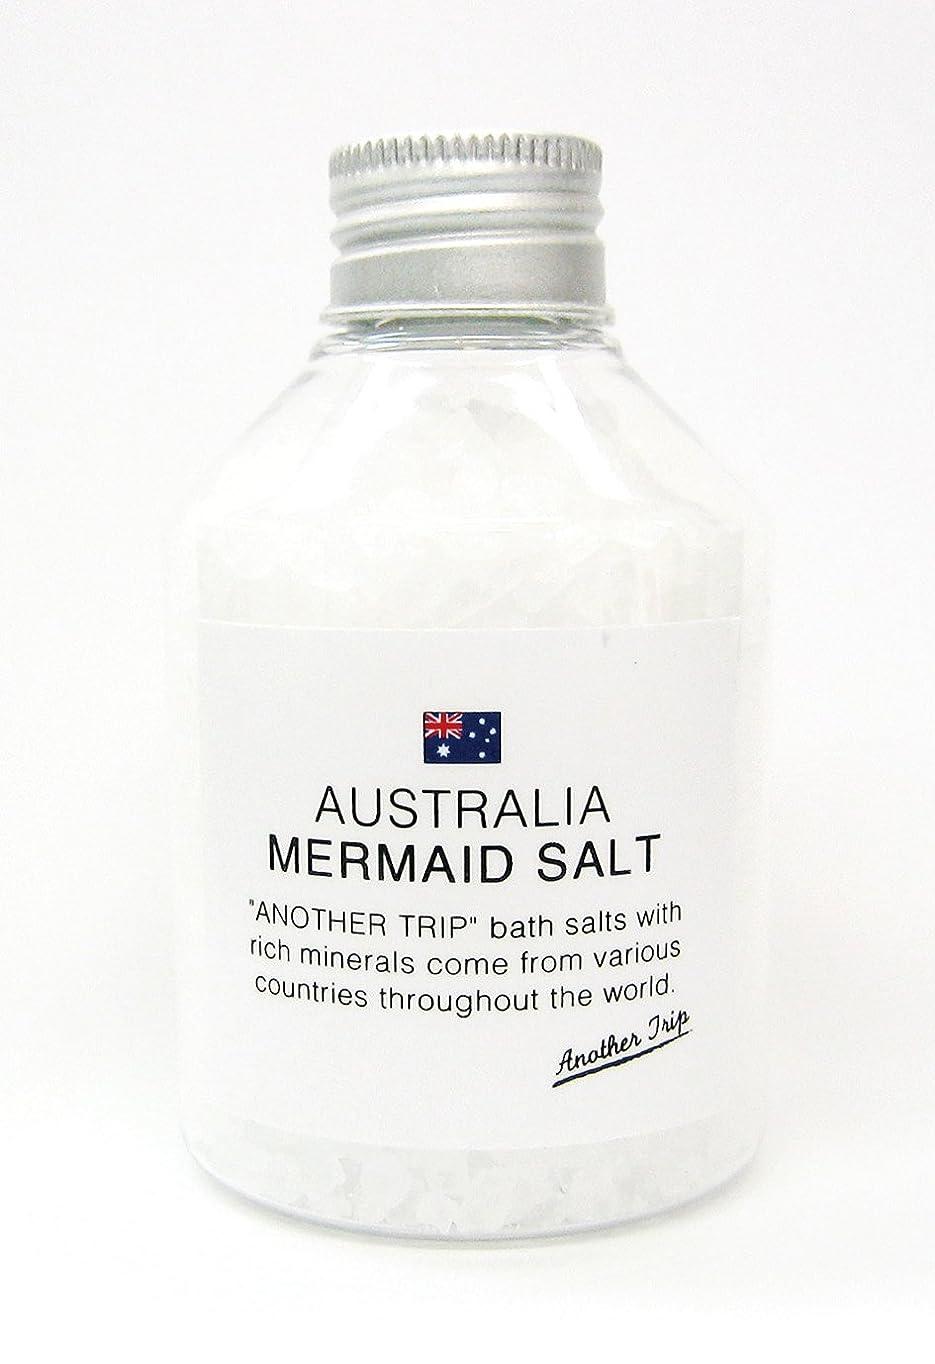 衛星コンデンサー埋め込むアナザートリップN オーストラリアマーメイドソルト 175g